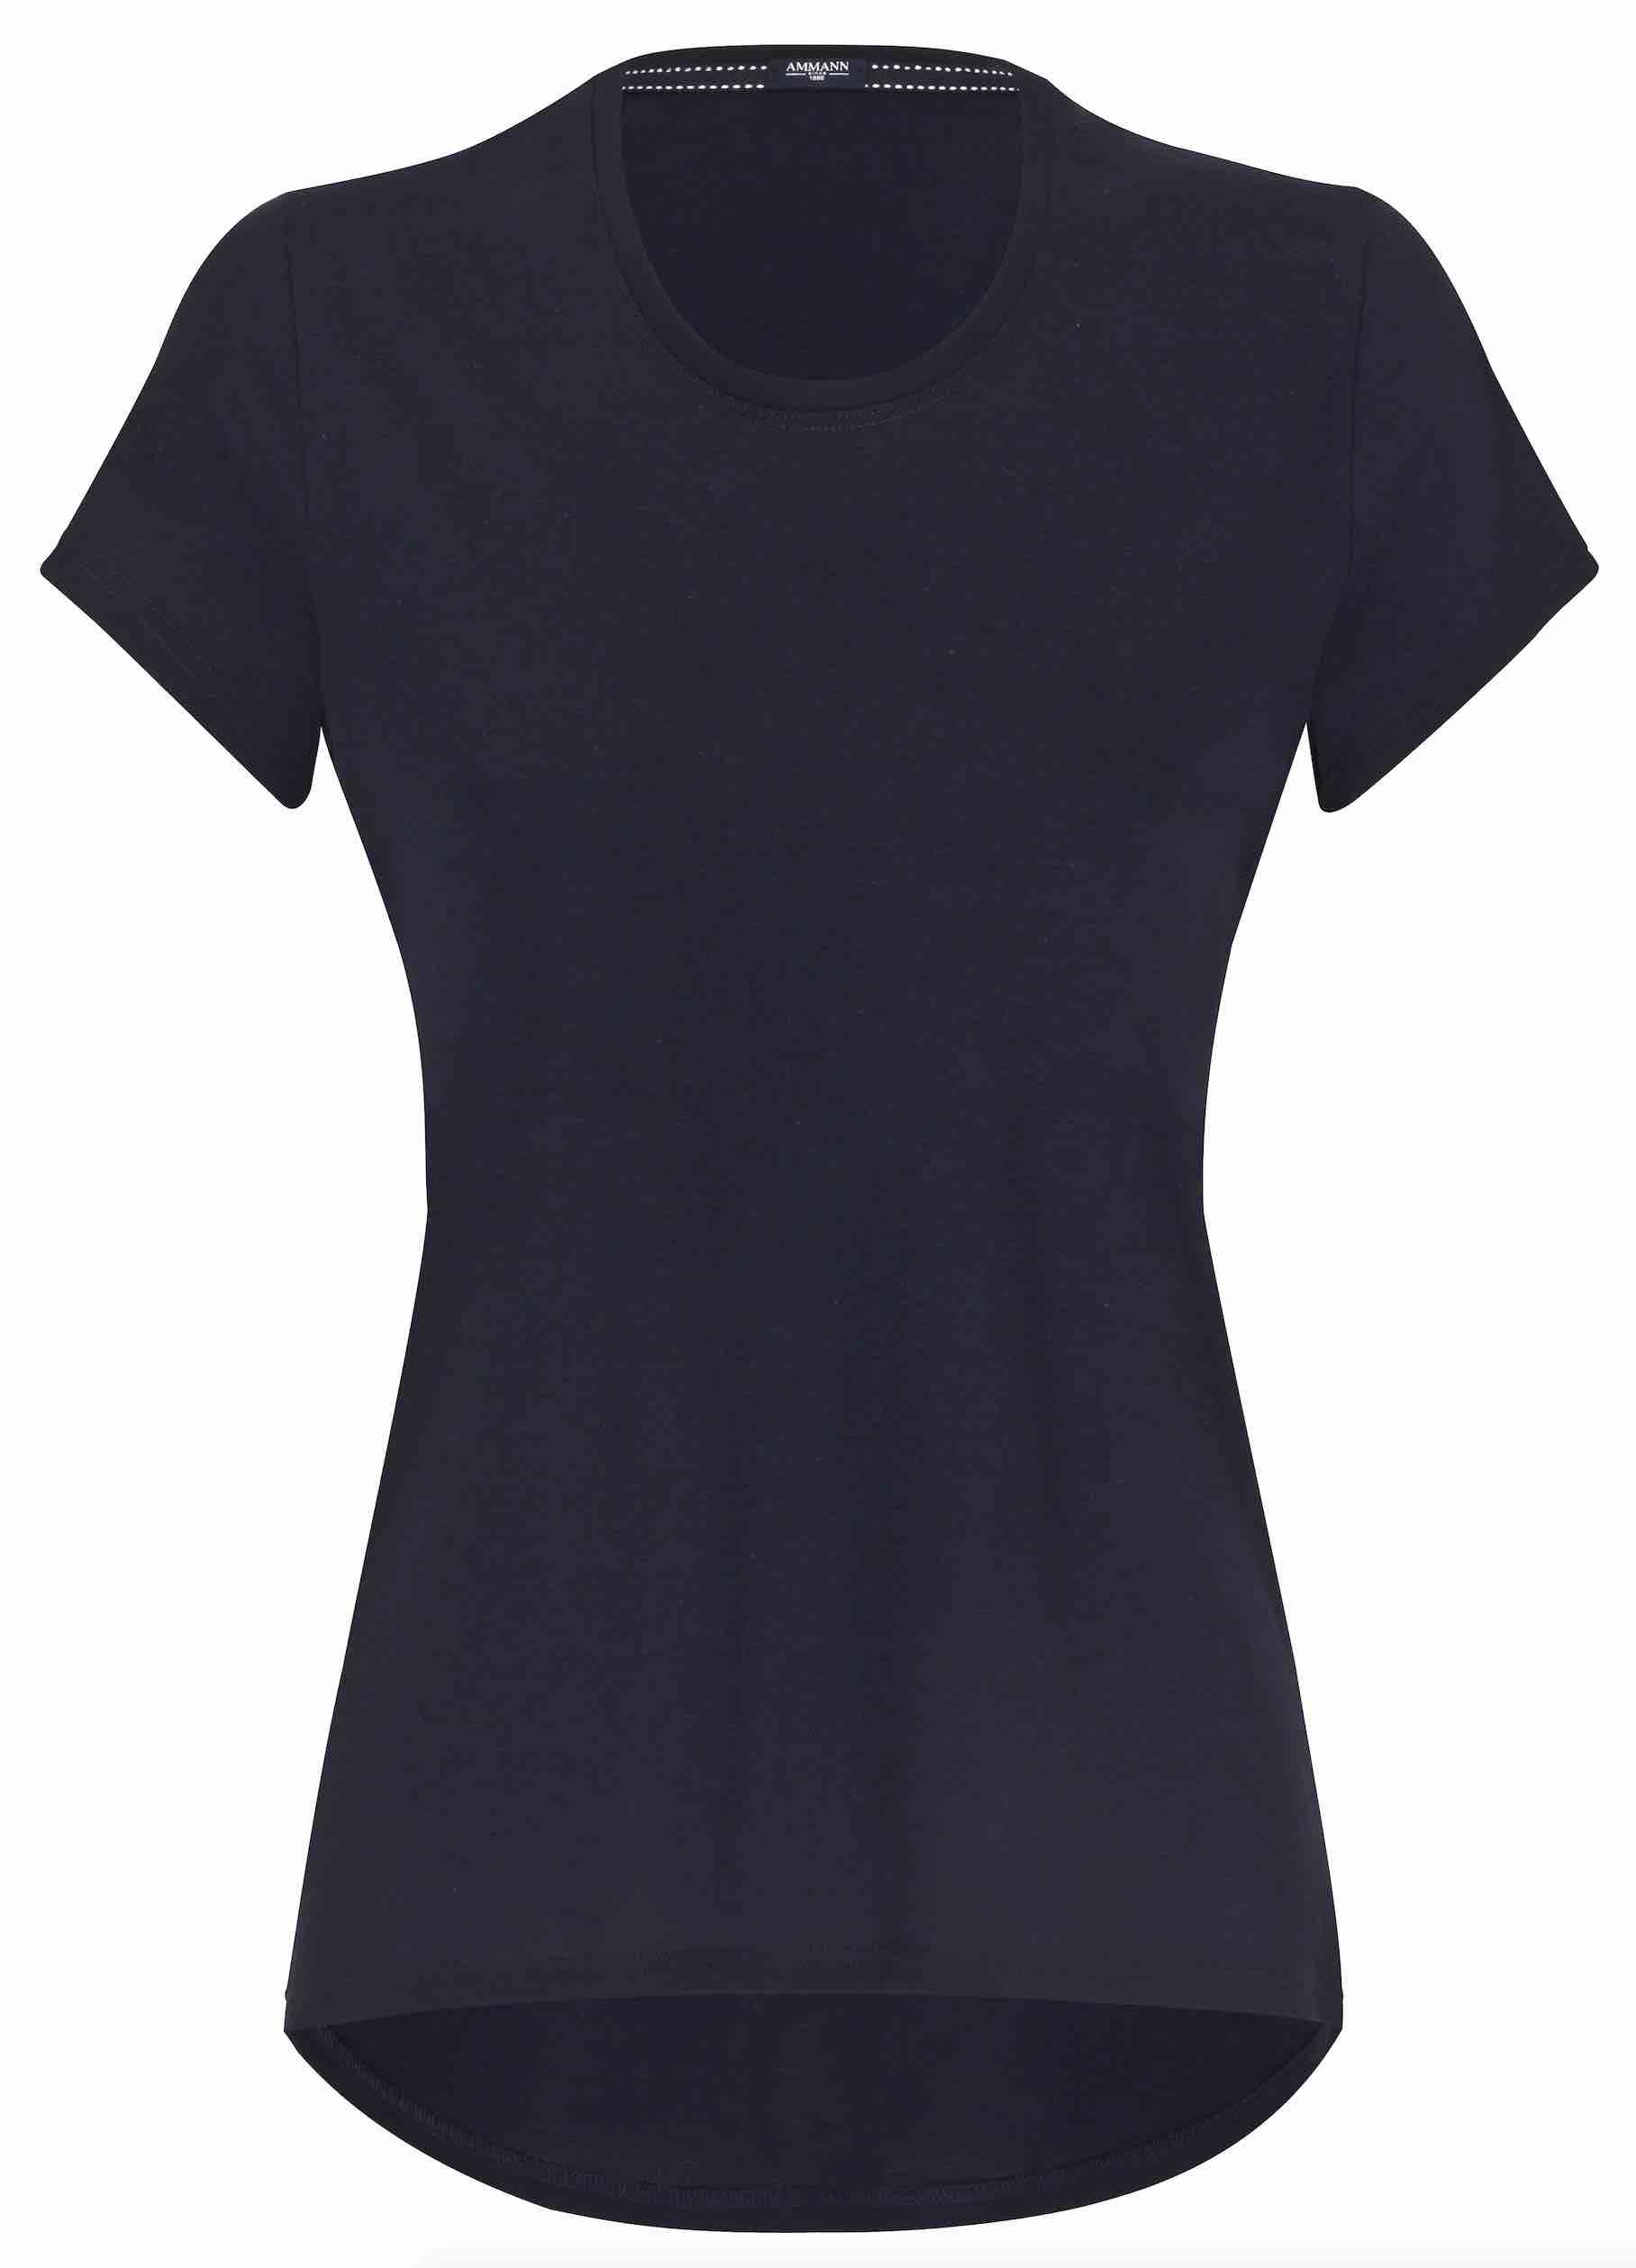 Ammann Shirt